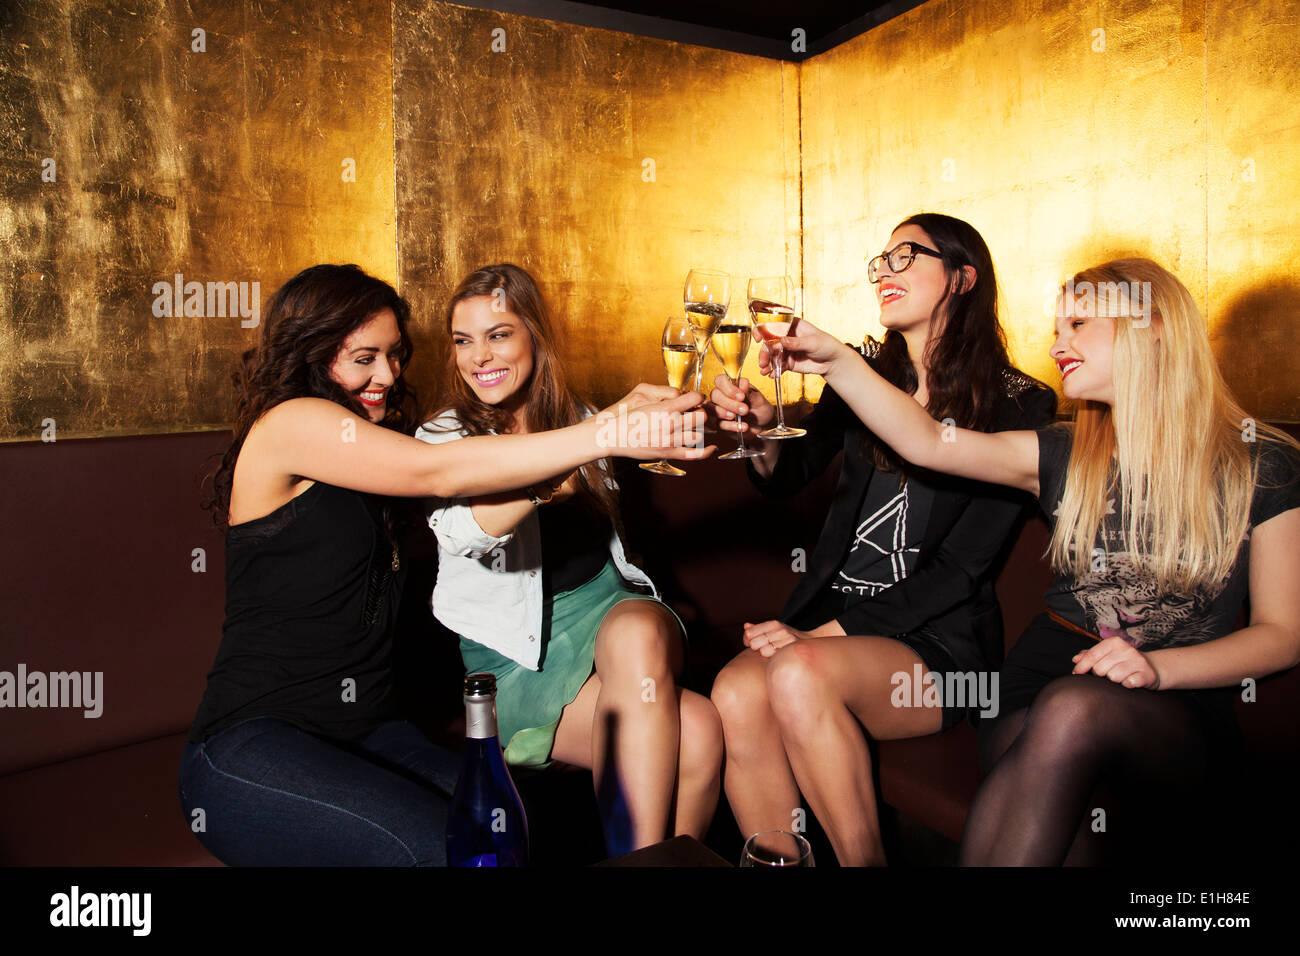 Cuatro amigas brindando con vino en discoteca Imagen De Stock